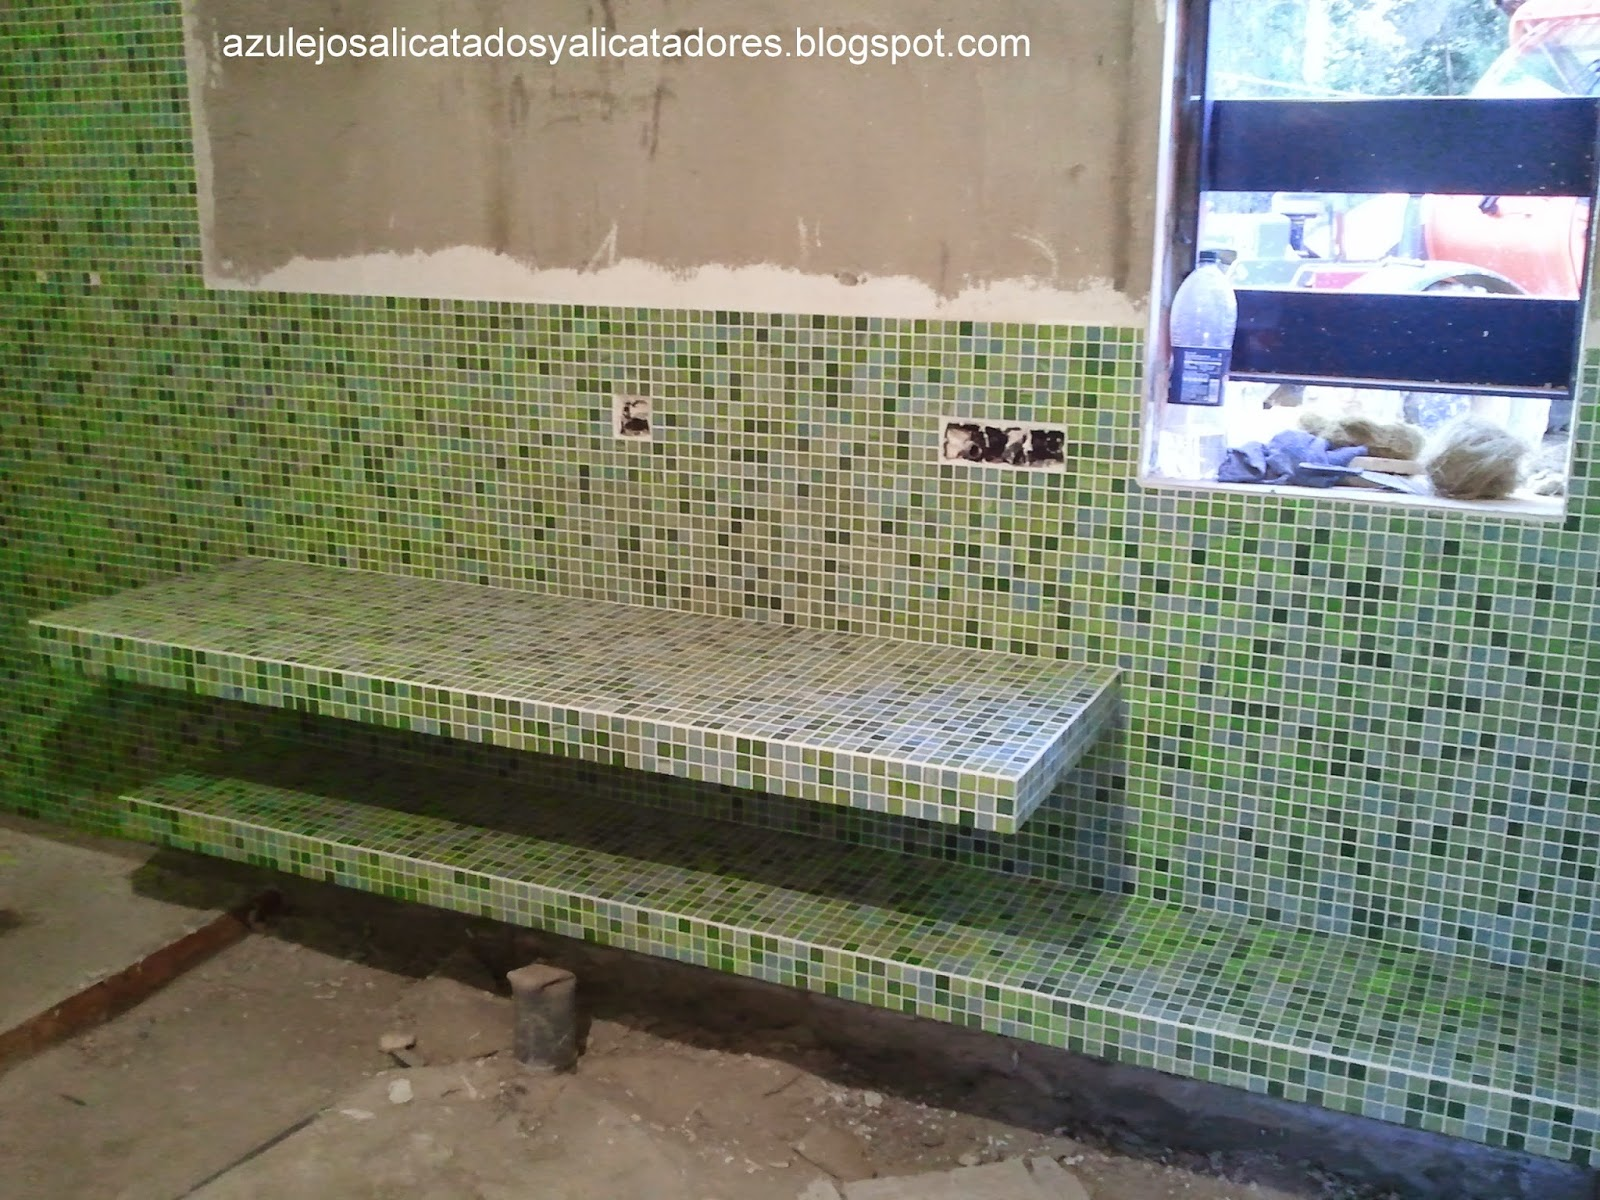 Azulejos Baño Lechada Cemento:AZULEJOS, ALICATADOS Y ALICATADORES: enero 2015